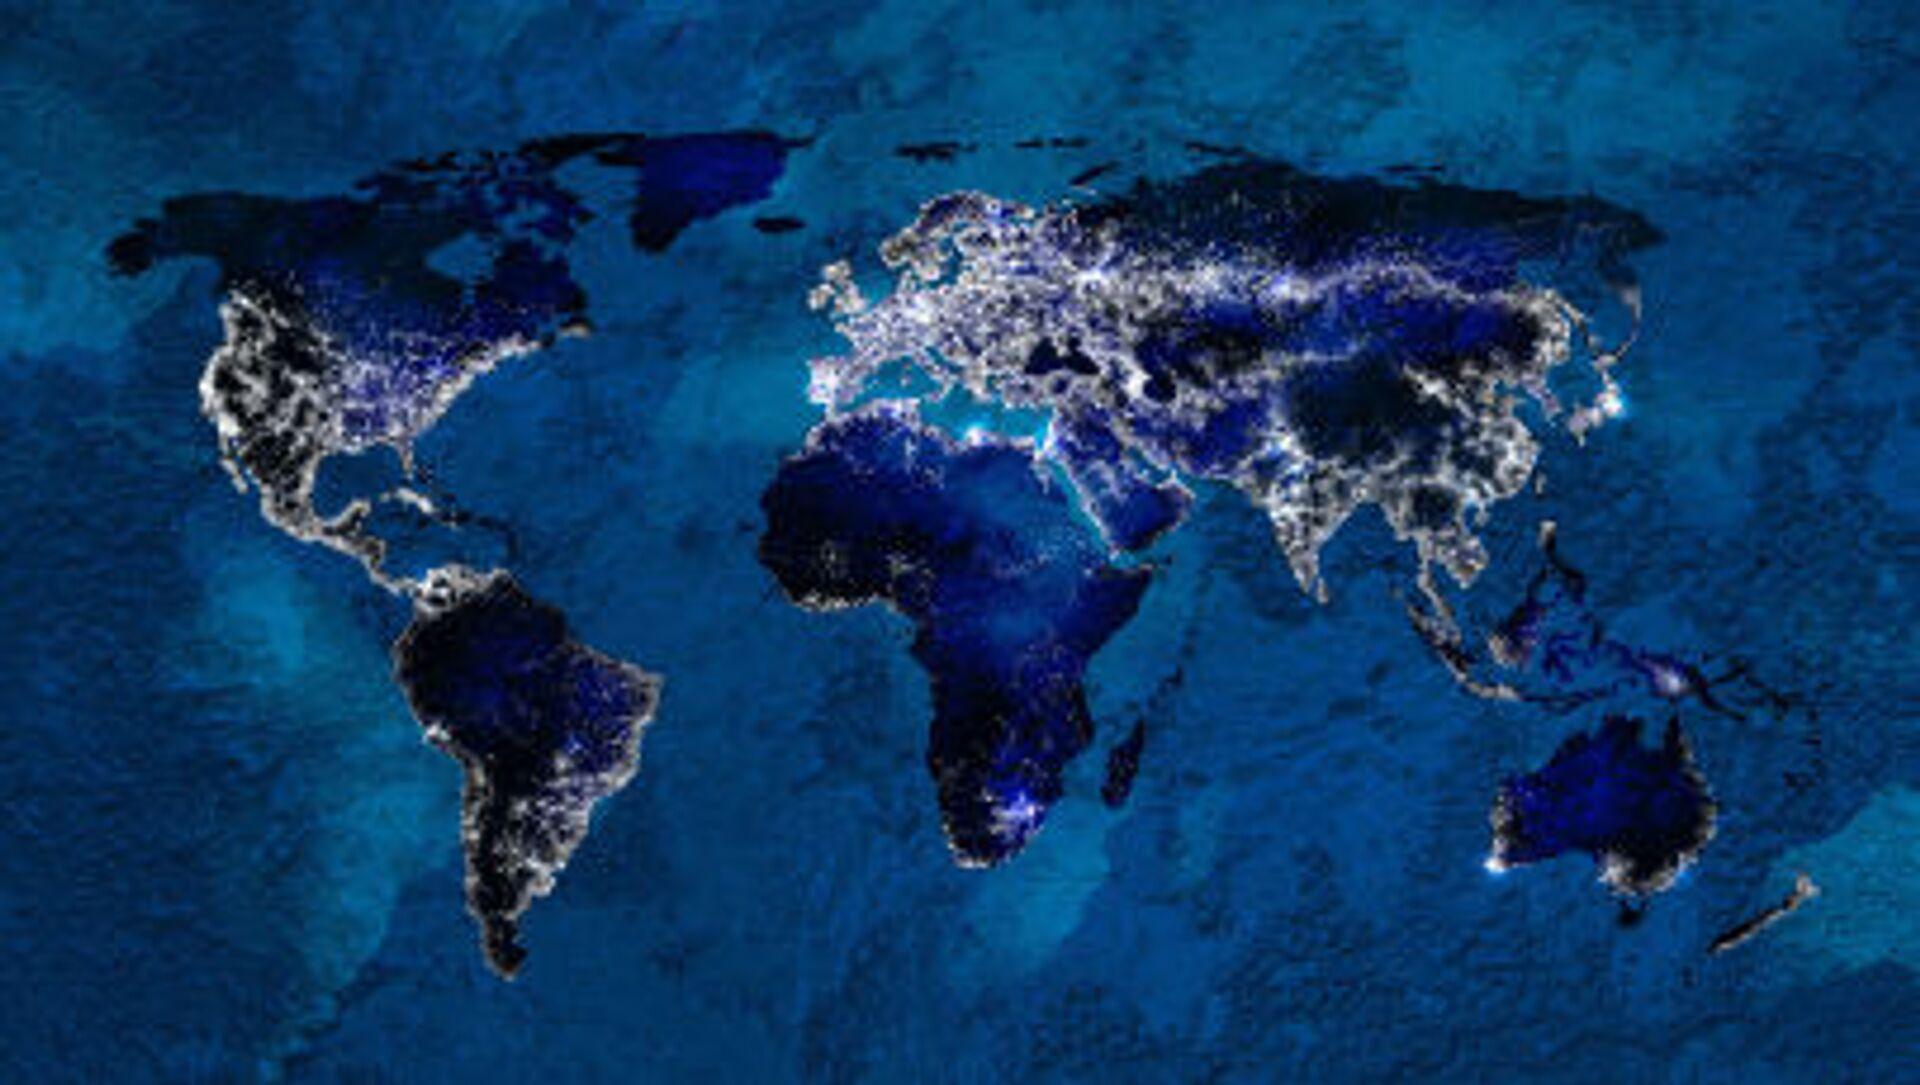 Hợp tác toàn cầu trên hành tinh Trái Đất - Sputnik Việt Nam, 1920, 20.05.2021